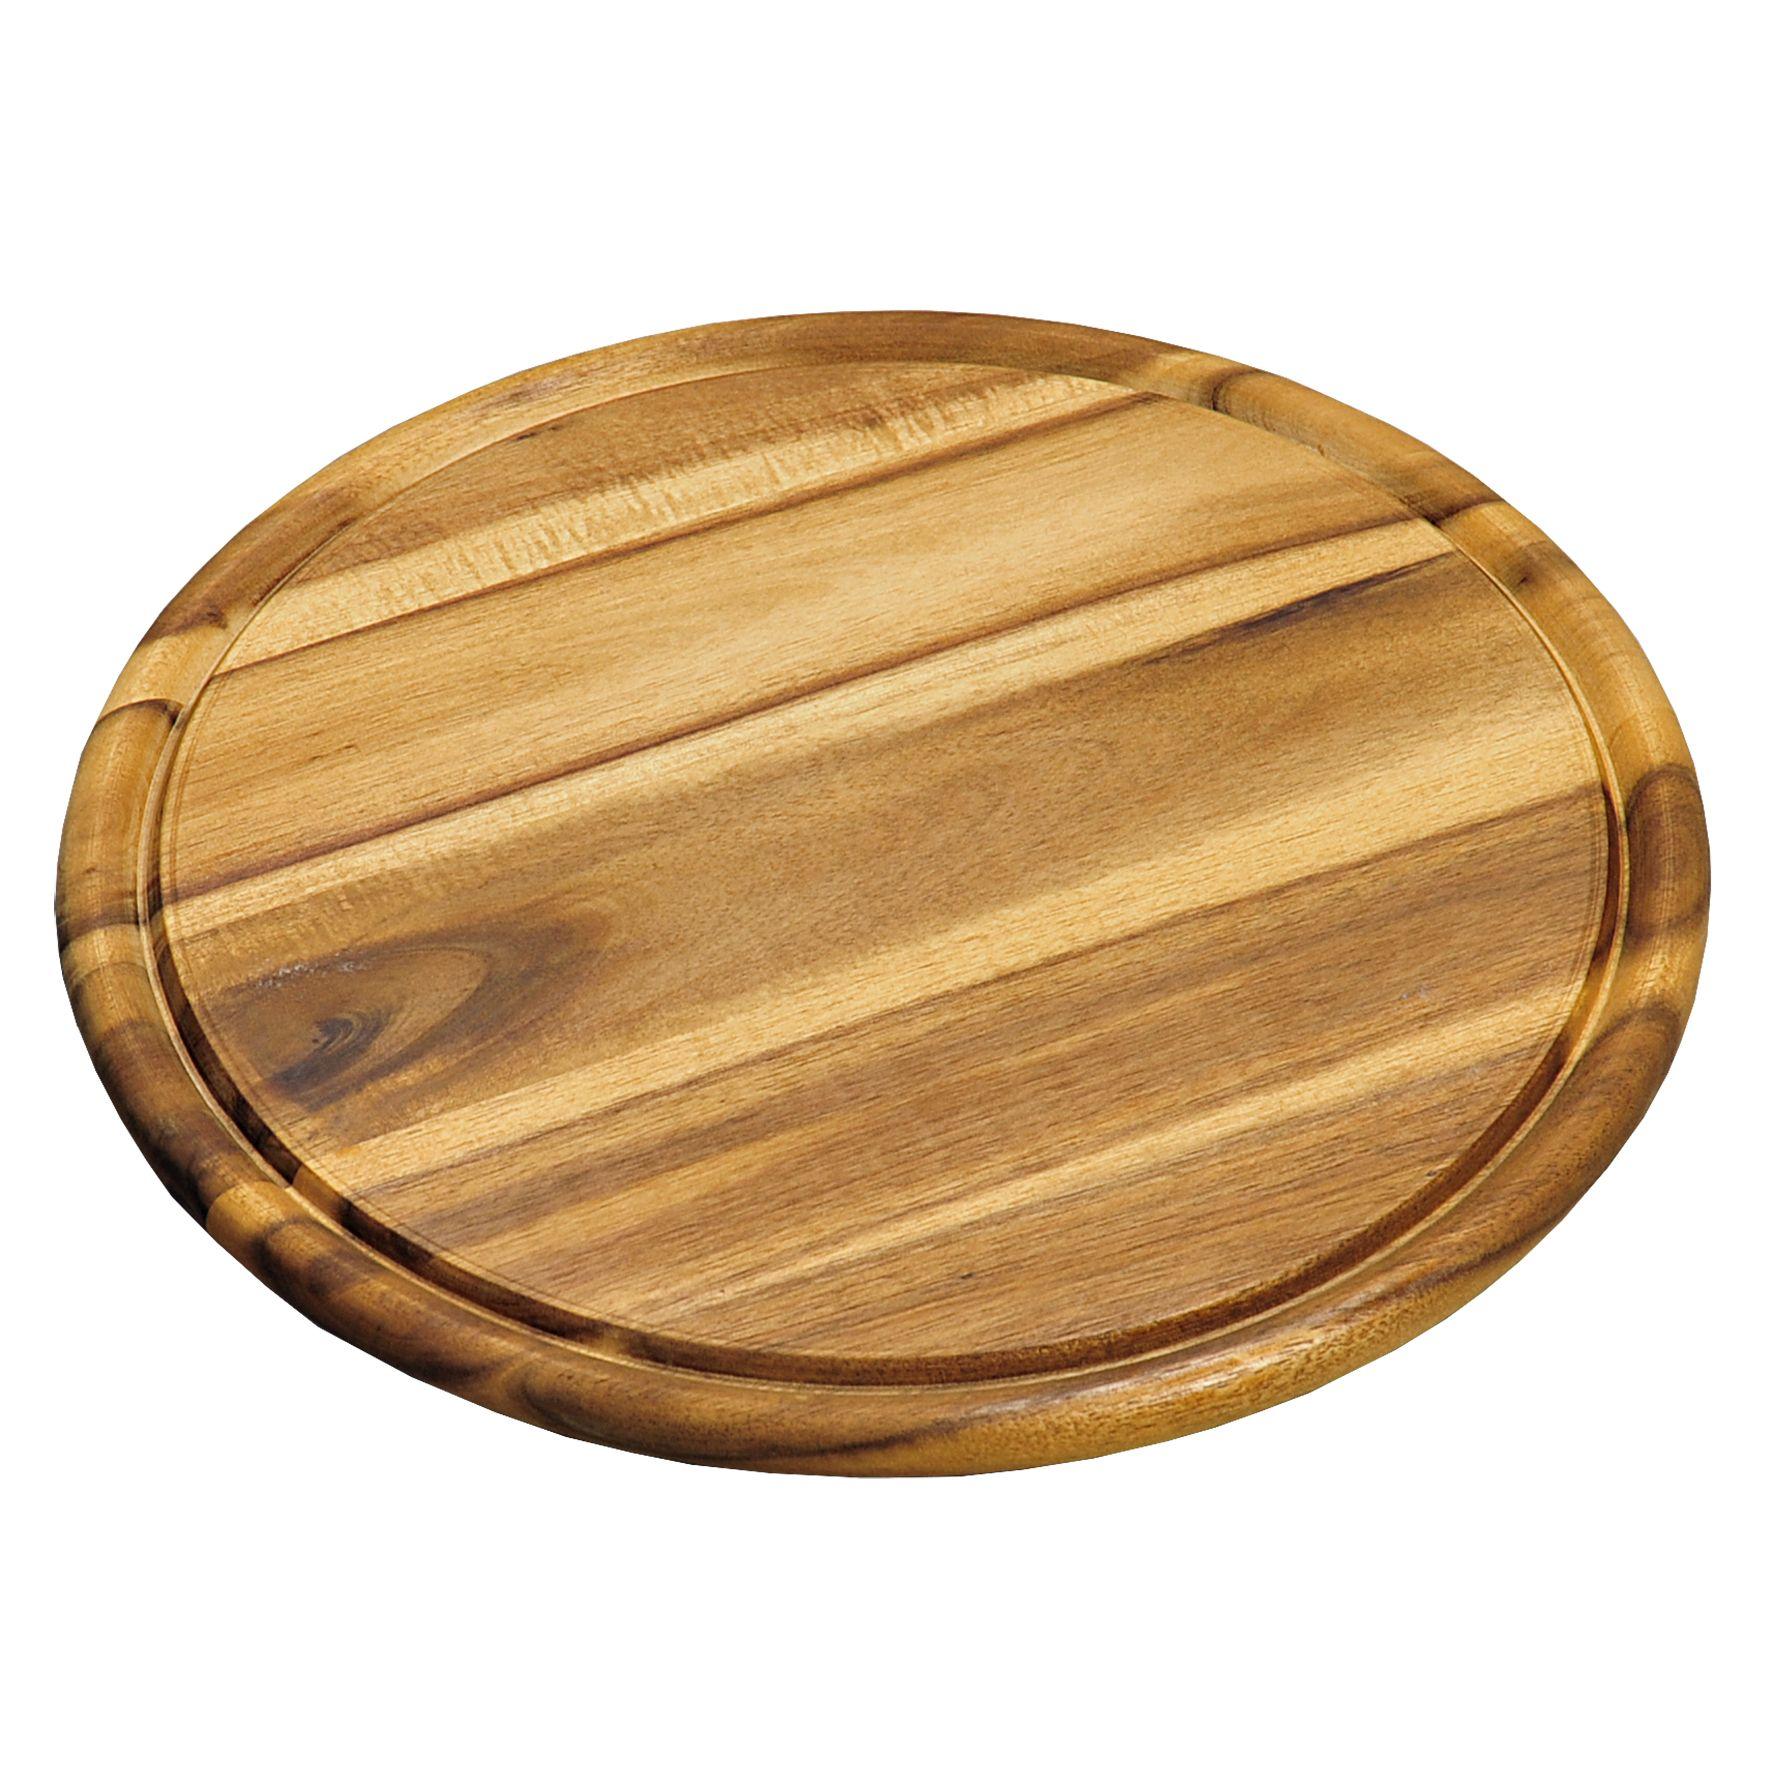 Доска подстановочная 30 см, свет.дерево   6044-4Доска круглая Кеспер изготовлена из твердого высококачественного дерева, так как с ней соприкасается наша пища. Оснащена желобком по диаметру, что удобно в использовании. Проста в использовании.<br>